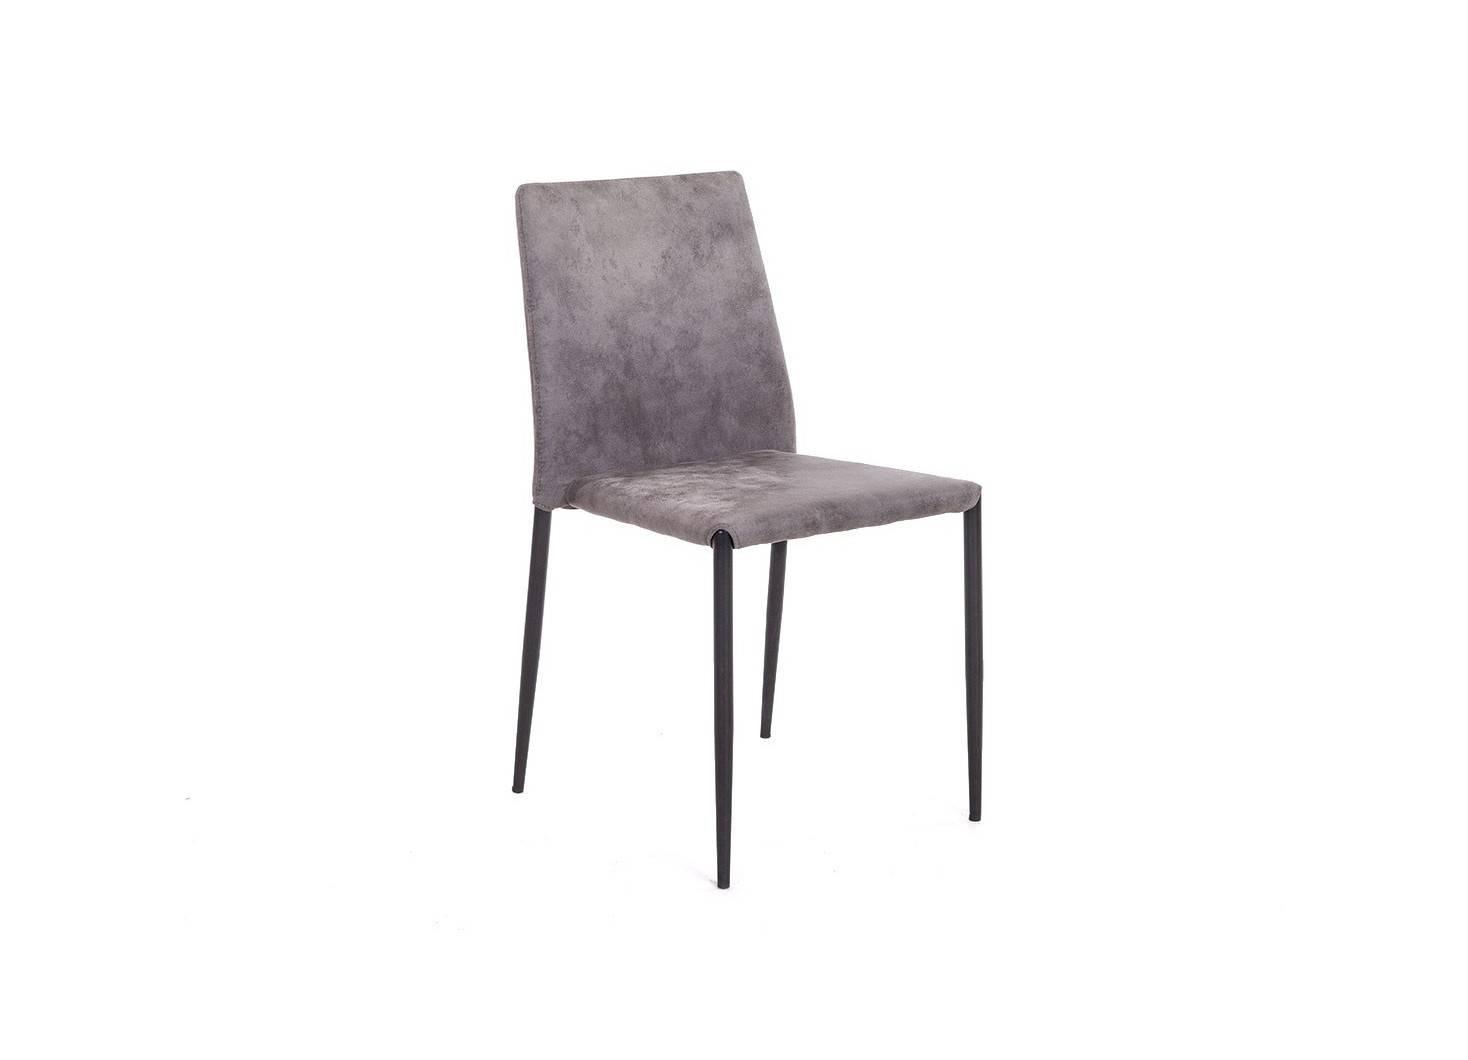 Chaise fine et légère en cuir vieilli gris